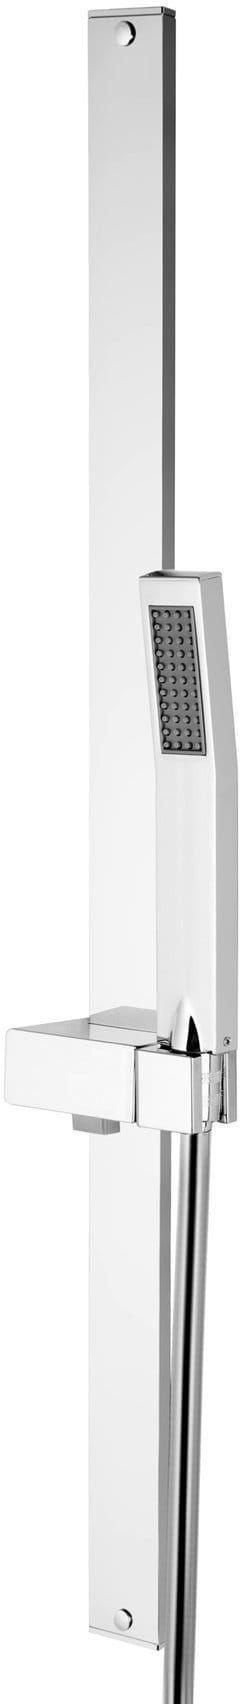 Corsan Drążek prysznicowy z uchwytem ze słuchawką prysznicową CMZ060